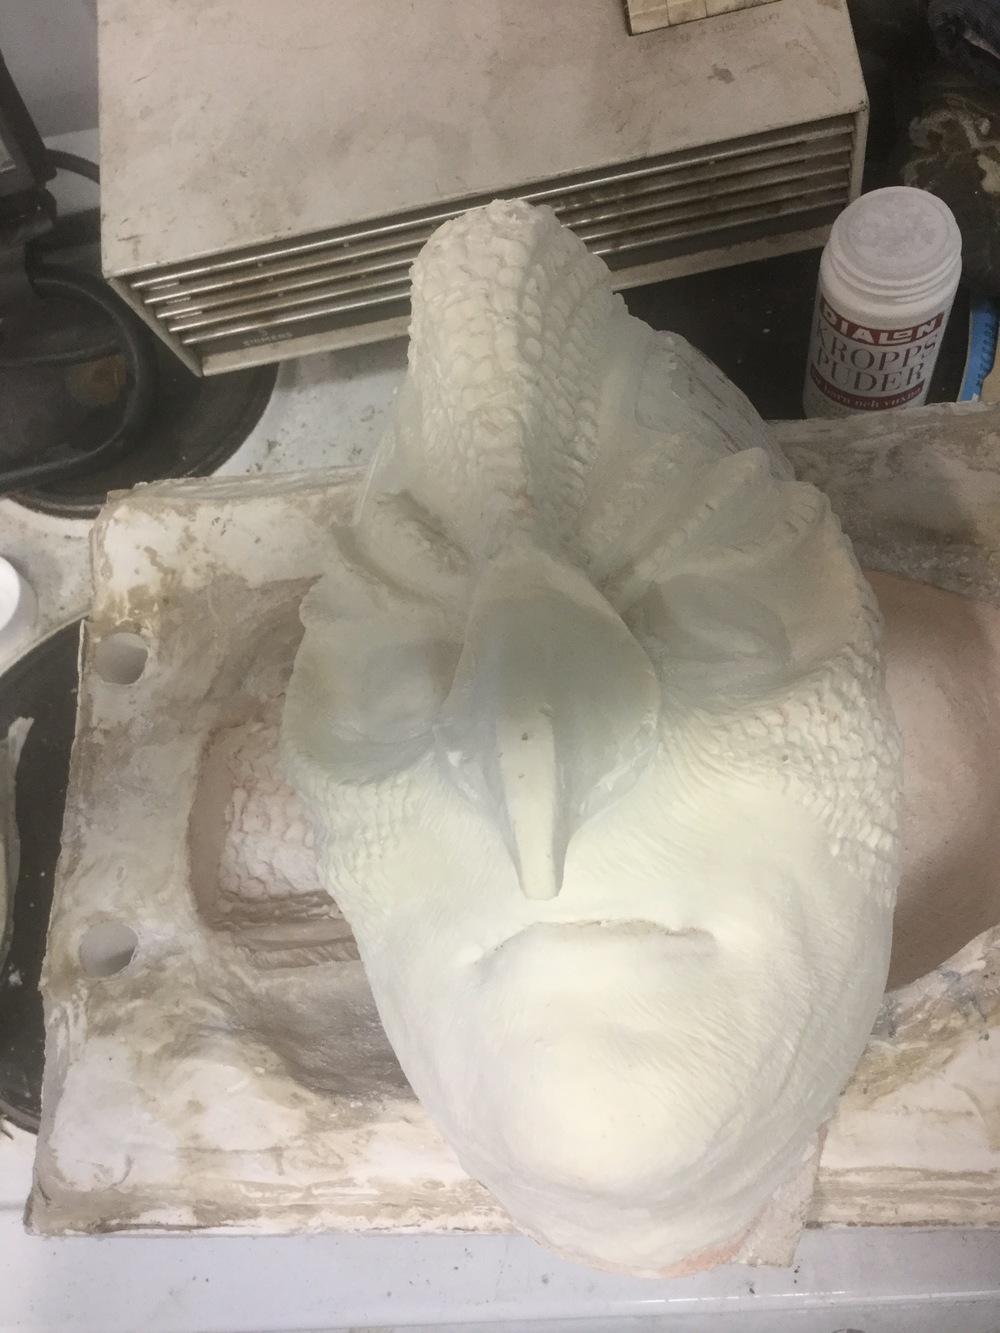 Fågel Fenix masken är klar i sin grundform! Hurra! Nästa steg är att färglägga masken, dekorera och prova den på modellen. :)